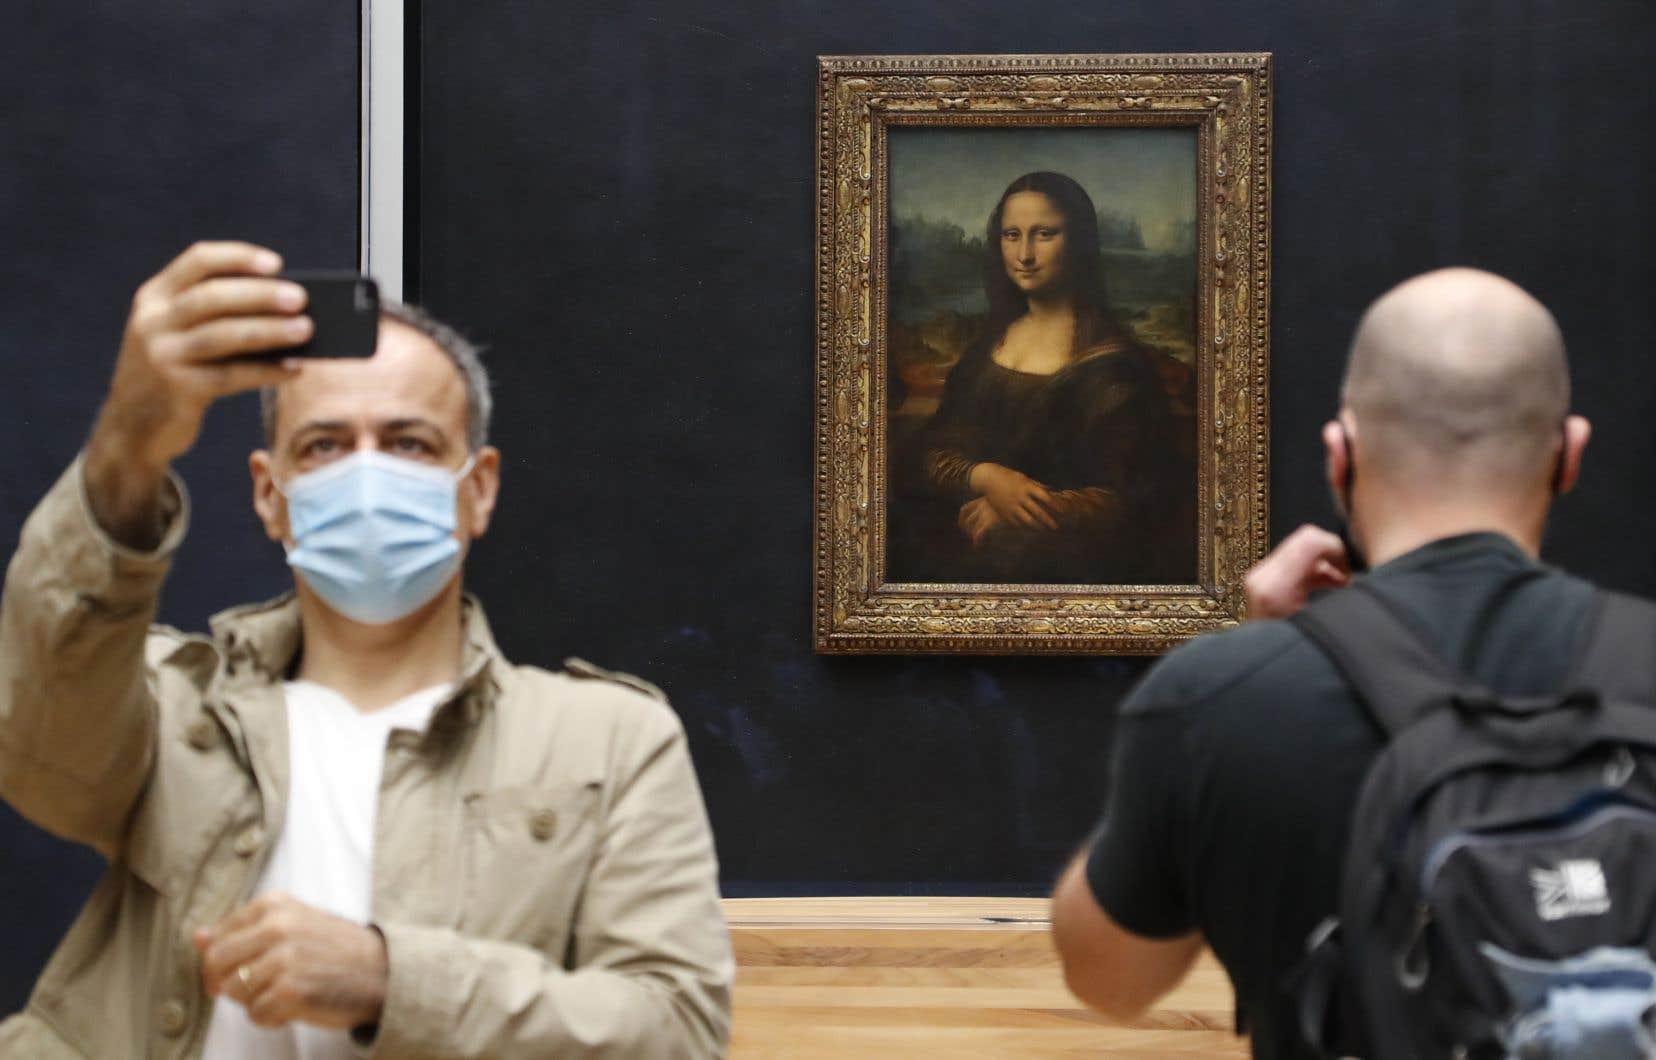 Devant <em>La Joconde</em>, principale attraction du Louvre, la valse des selfies a toutefois repris.